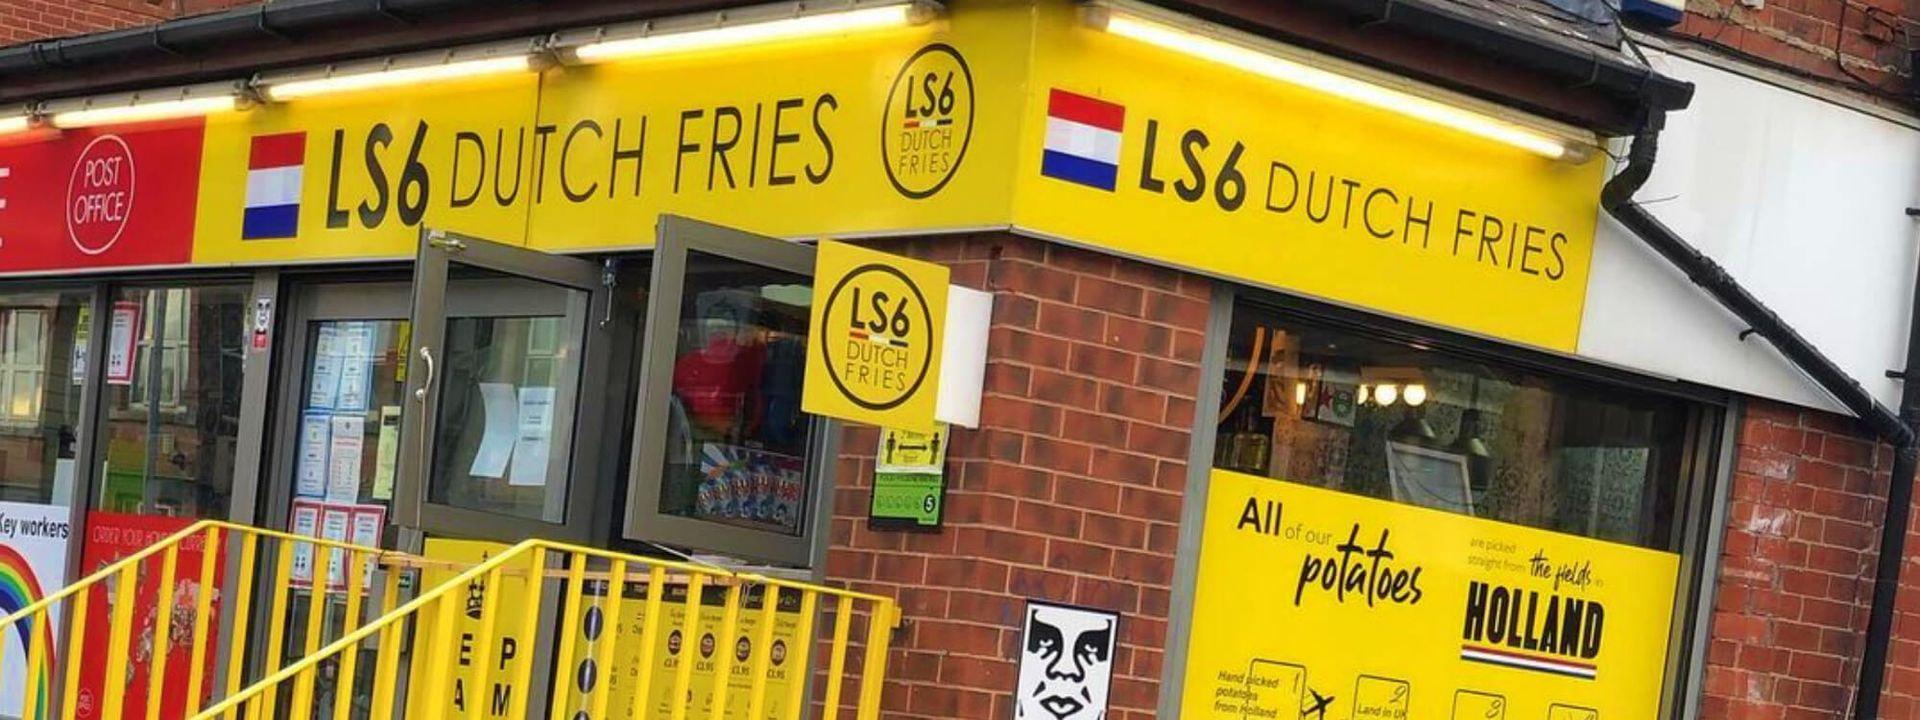 LS6 Dutch Fries Shopfront